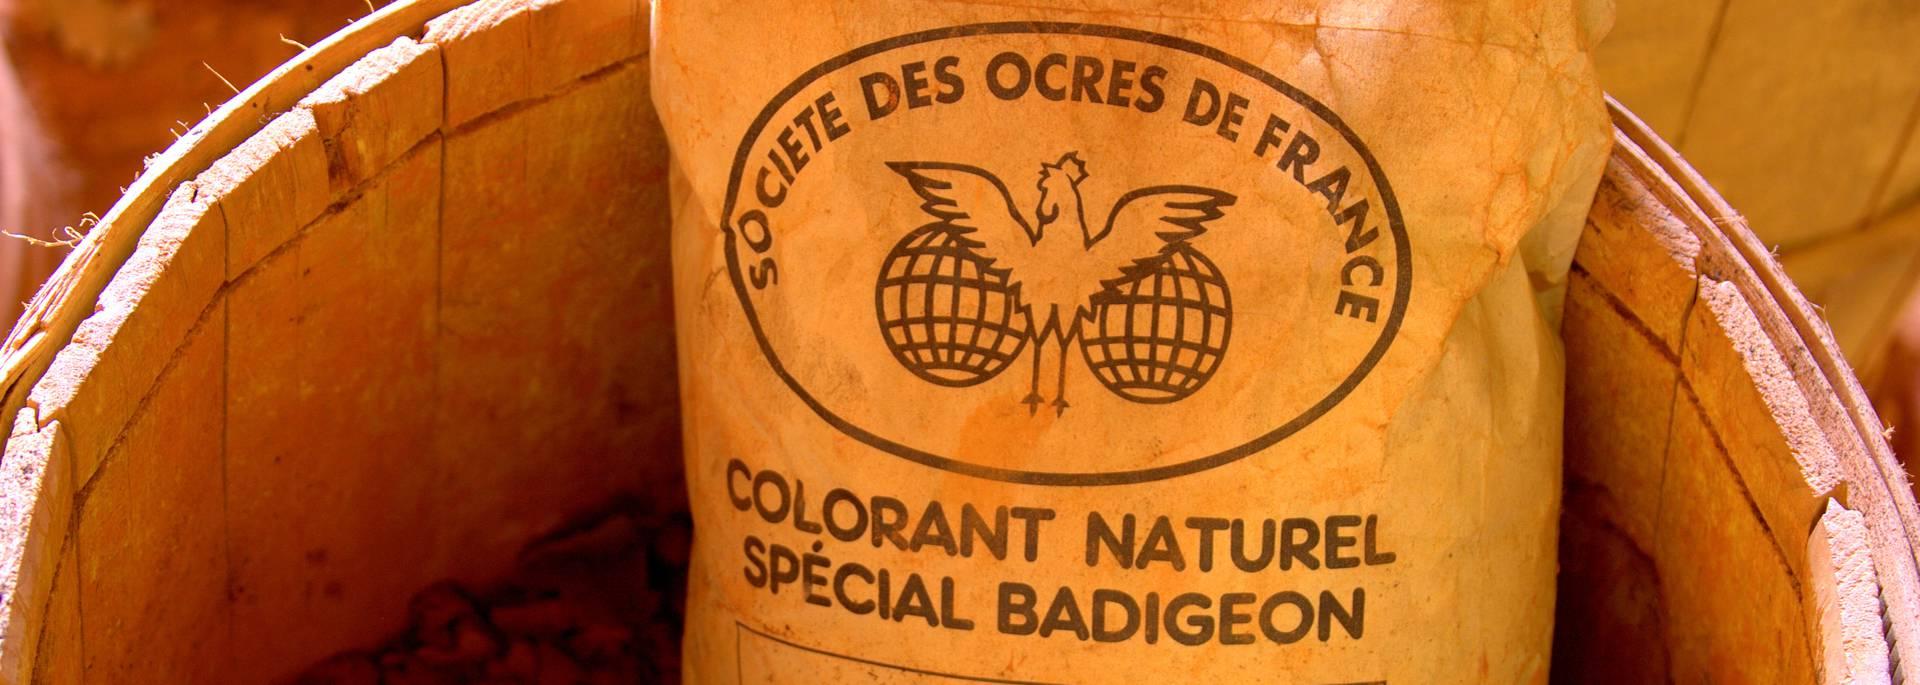 Société des Ocres de France | Ocres | Sac